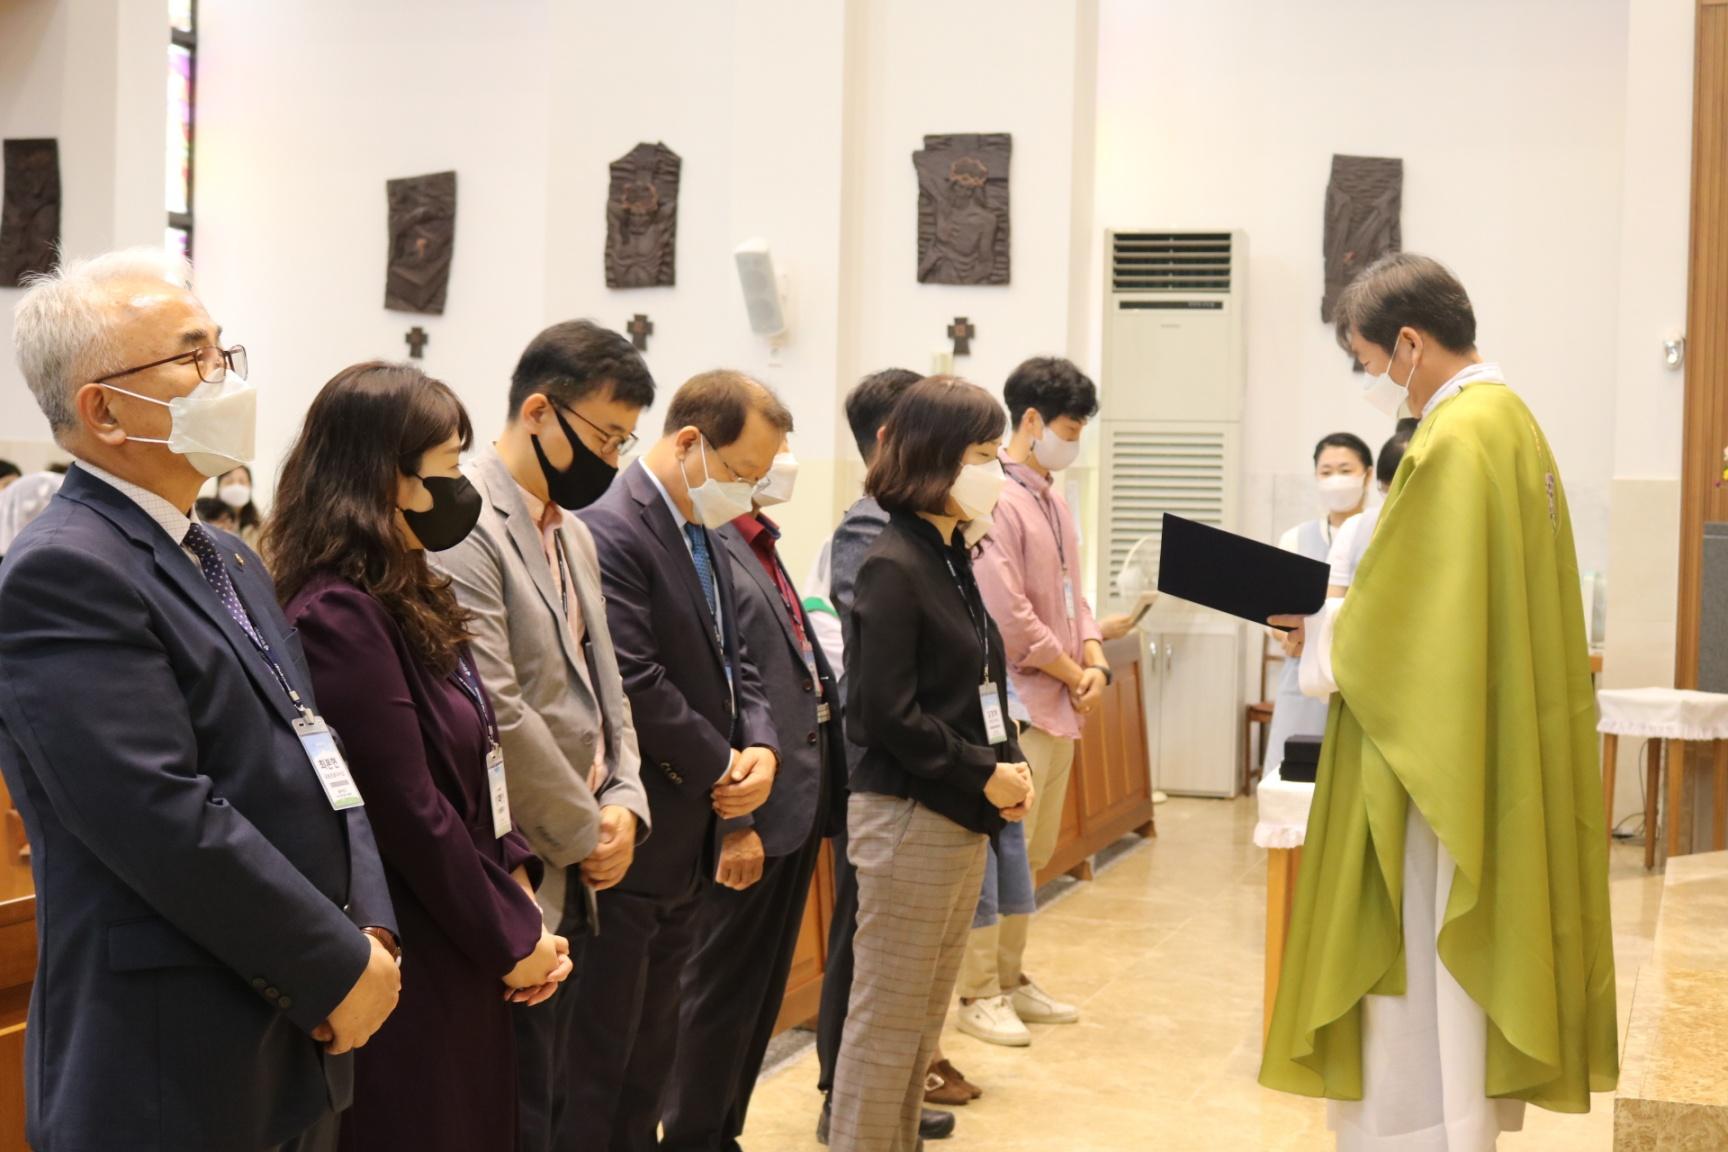 batch_2020-10-11 제11회 본당의 날  (29).JPG